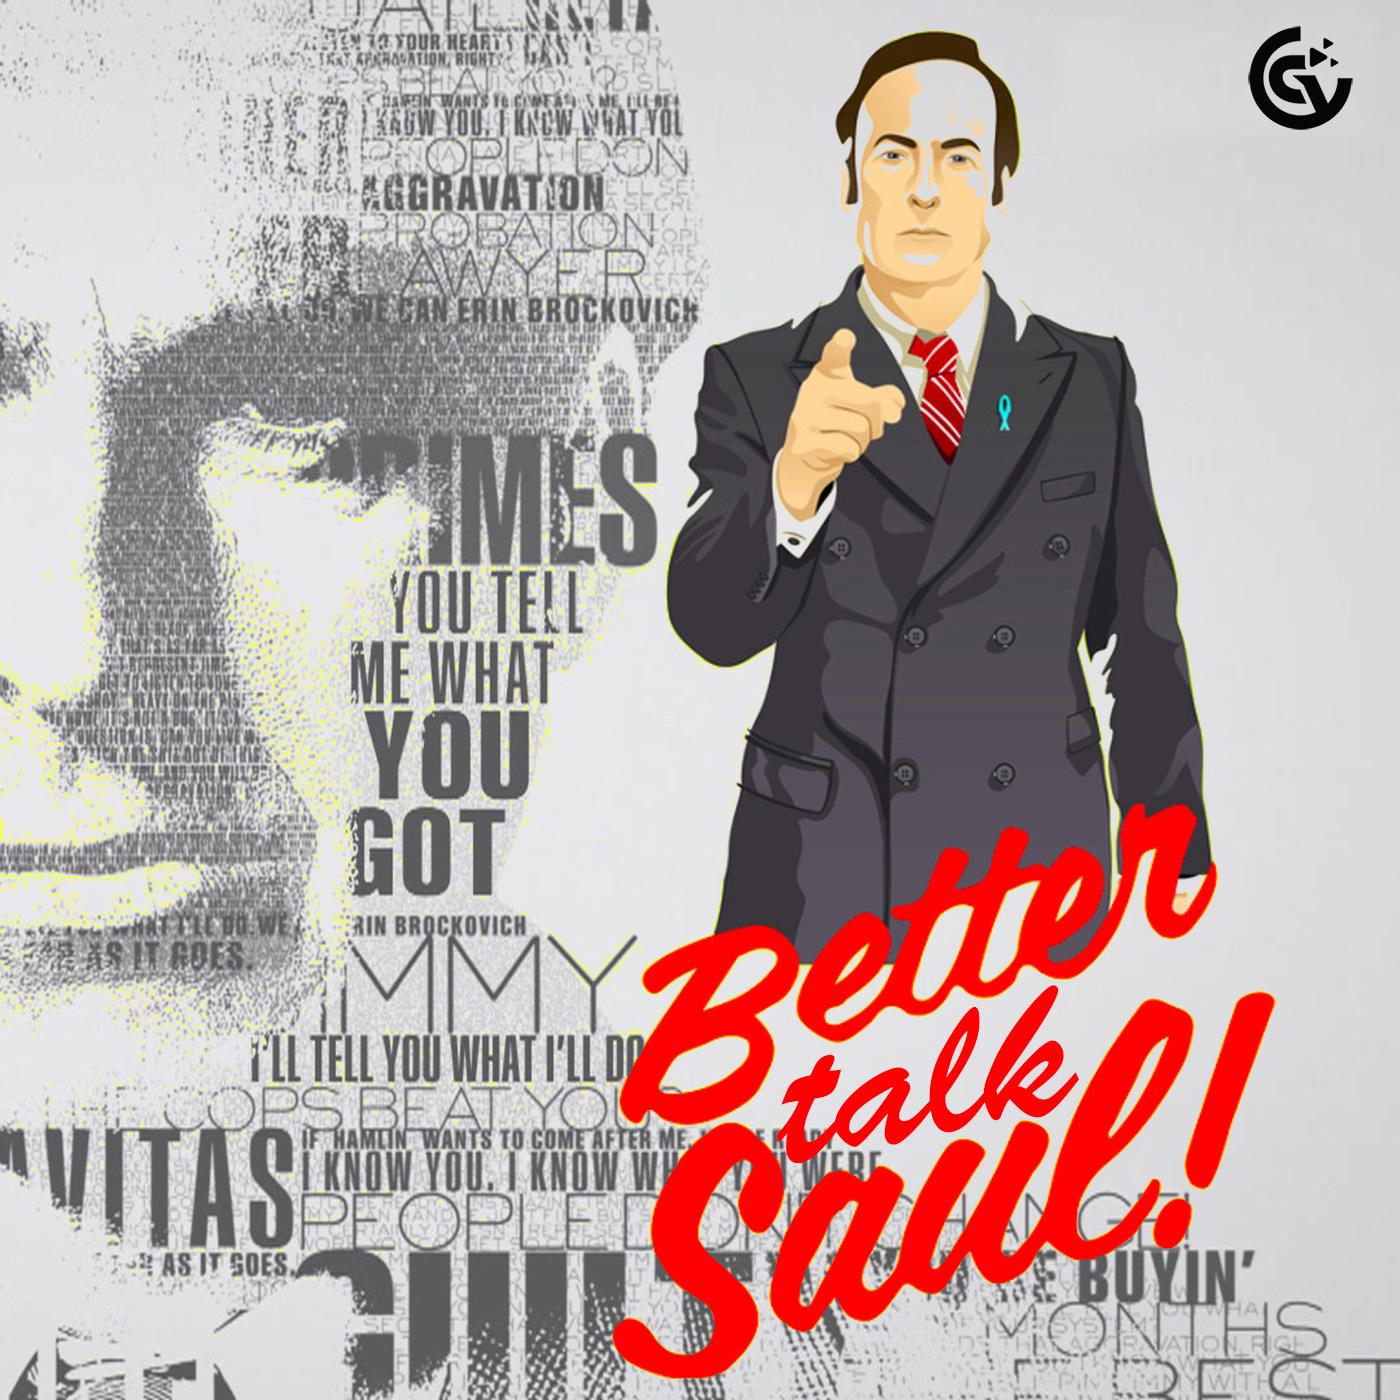 Better Talk Saul